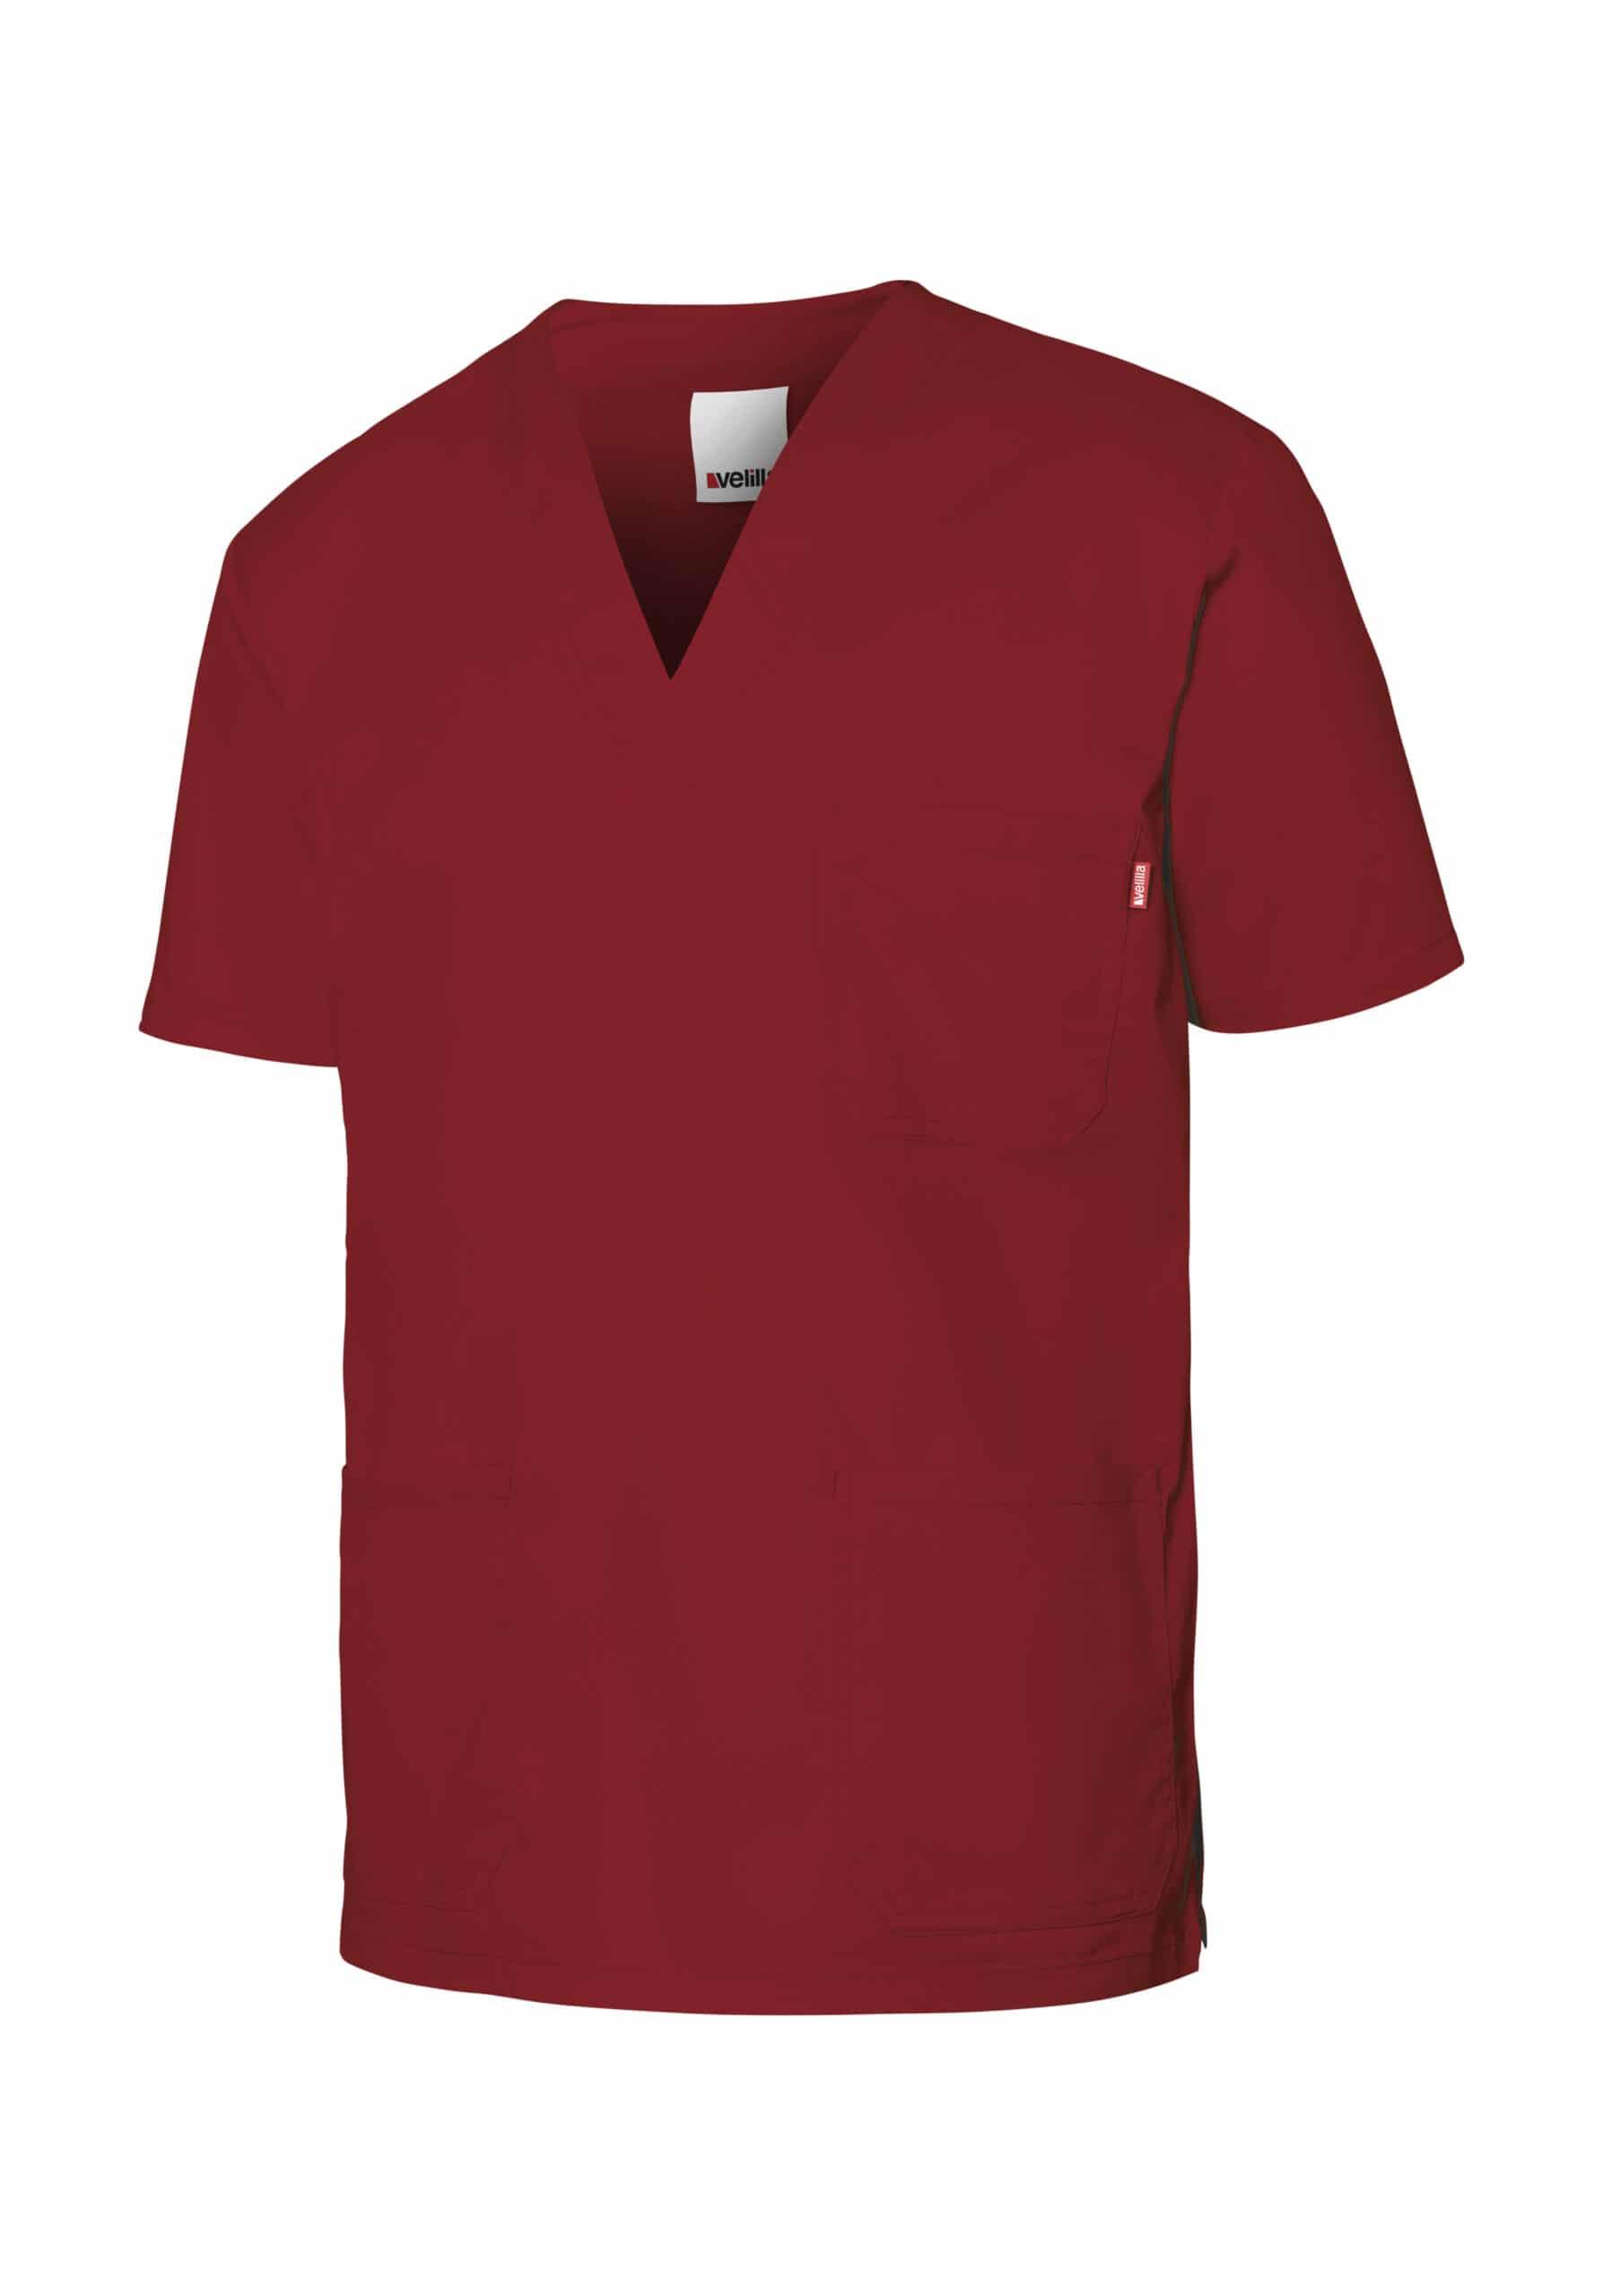 Velilla 535206s Camisola Pijama Stretch Manga Corta Rojo